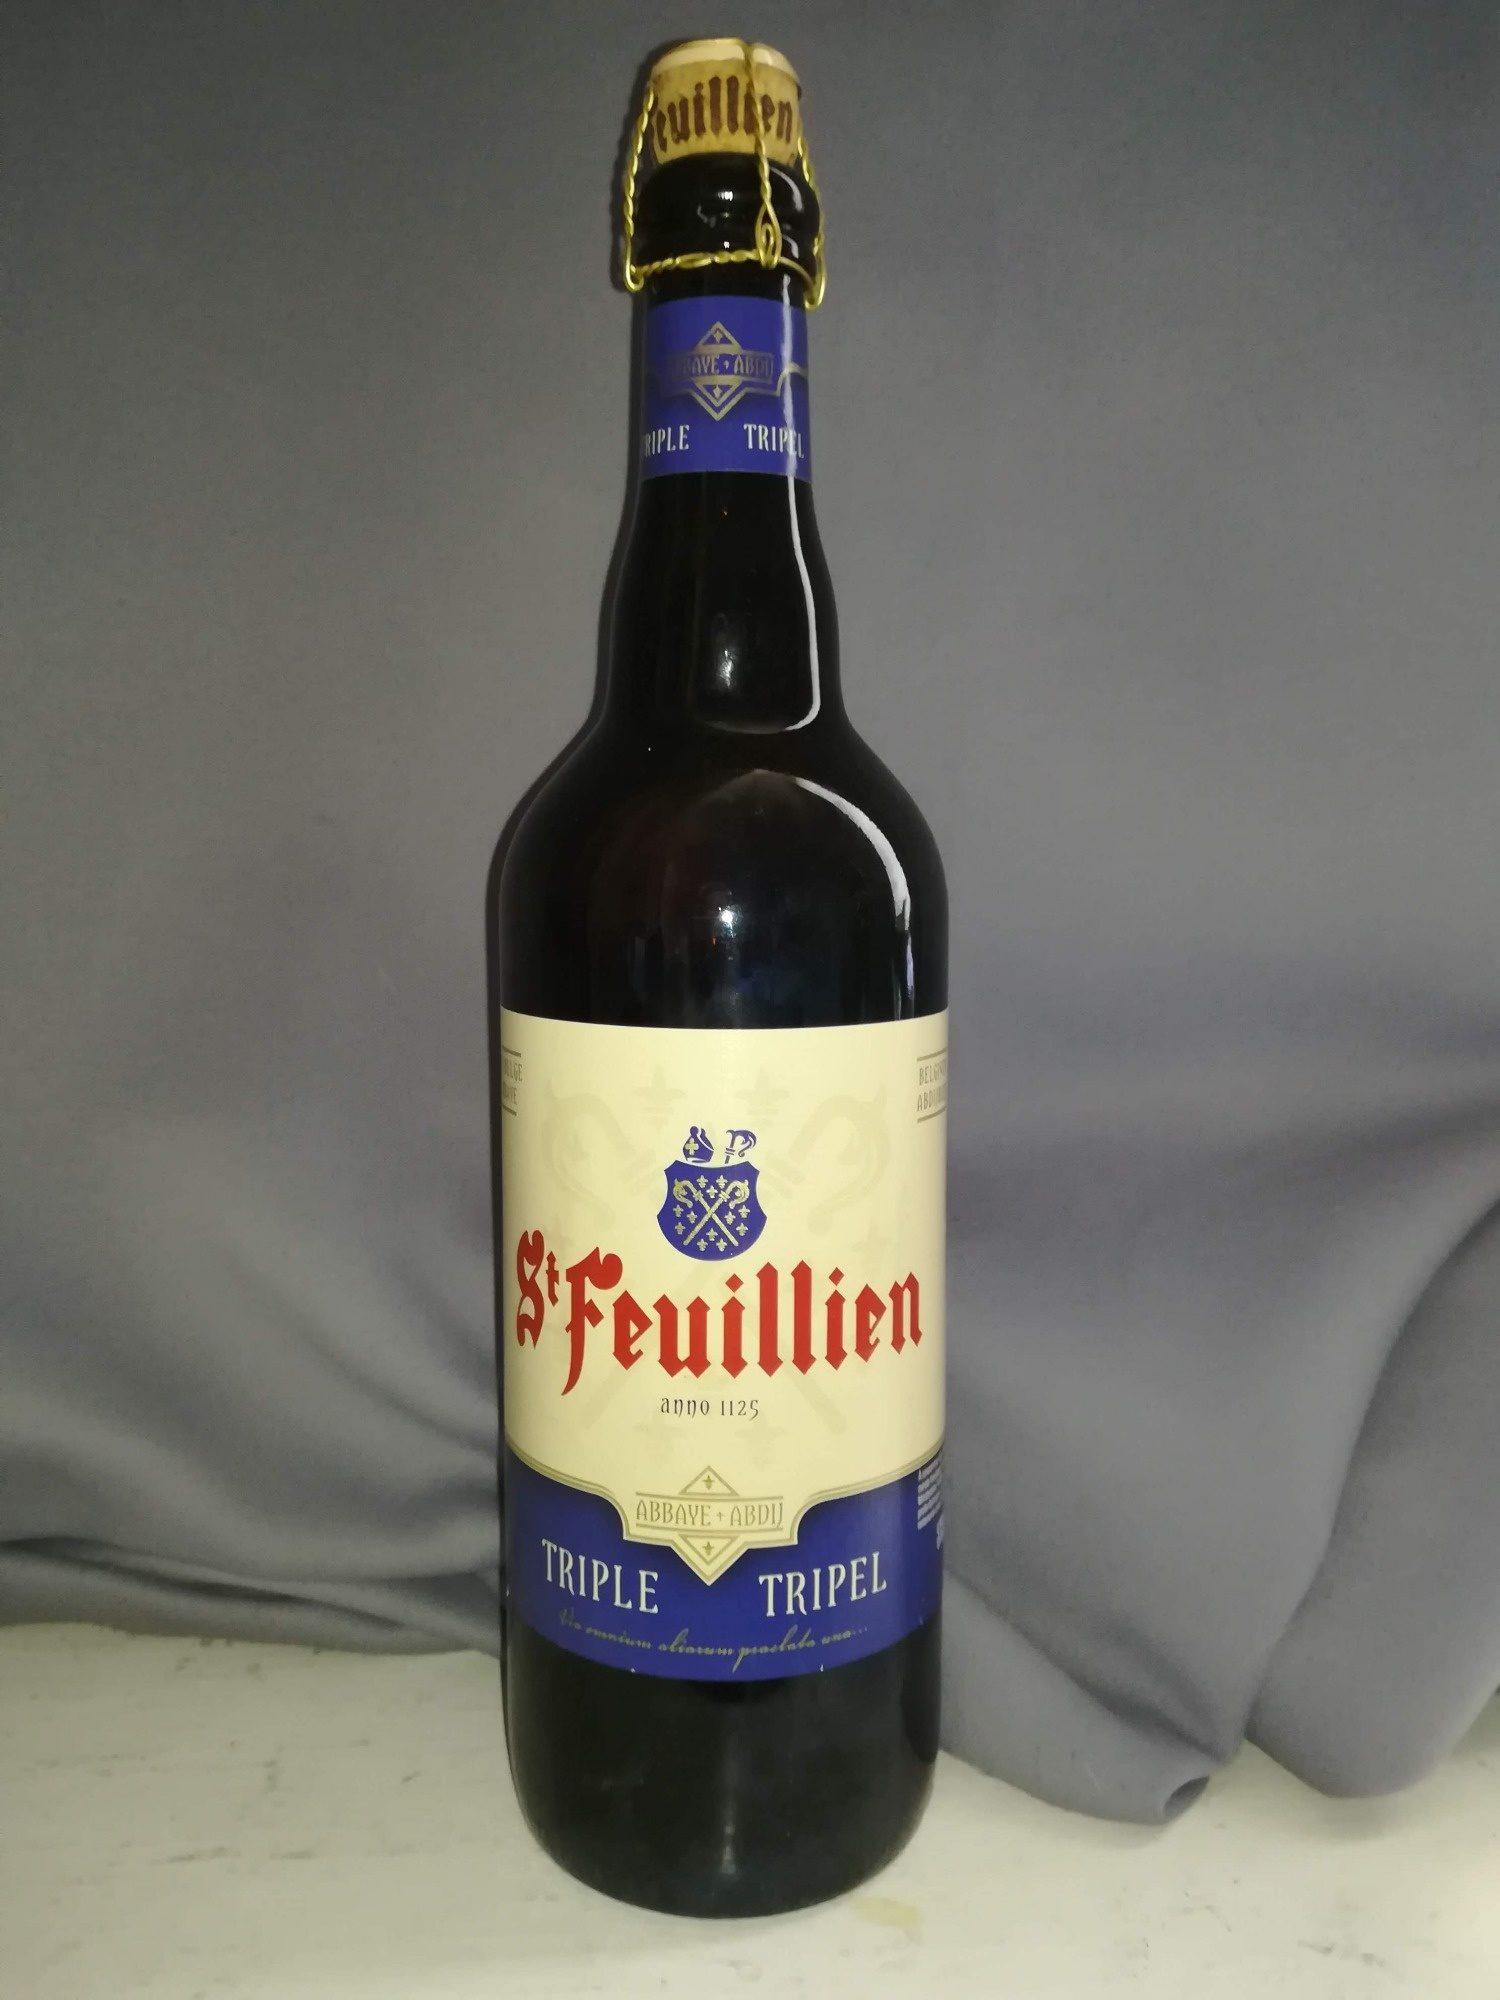 St Feuillien Triple - Product